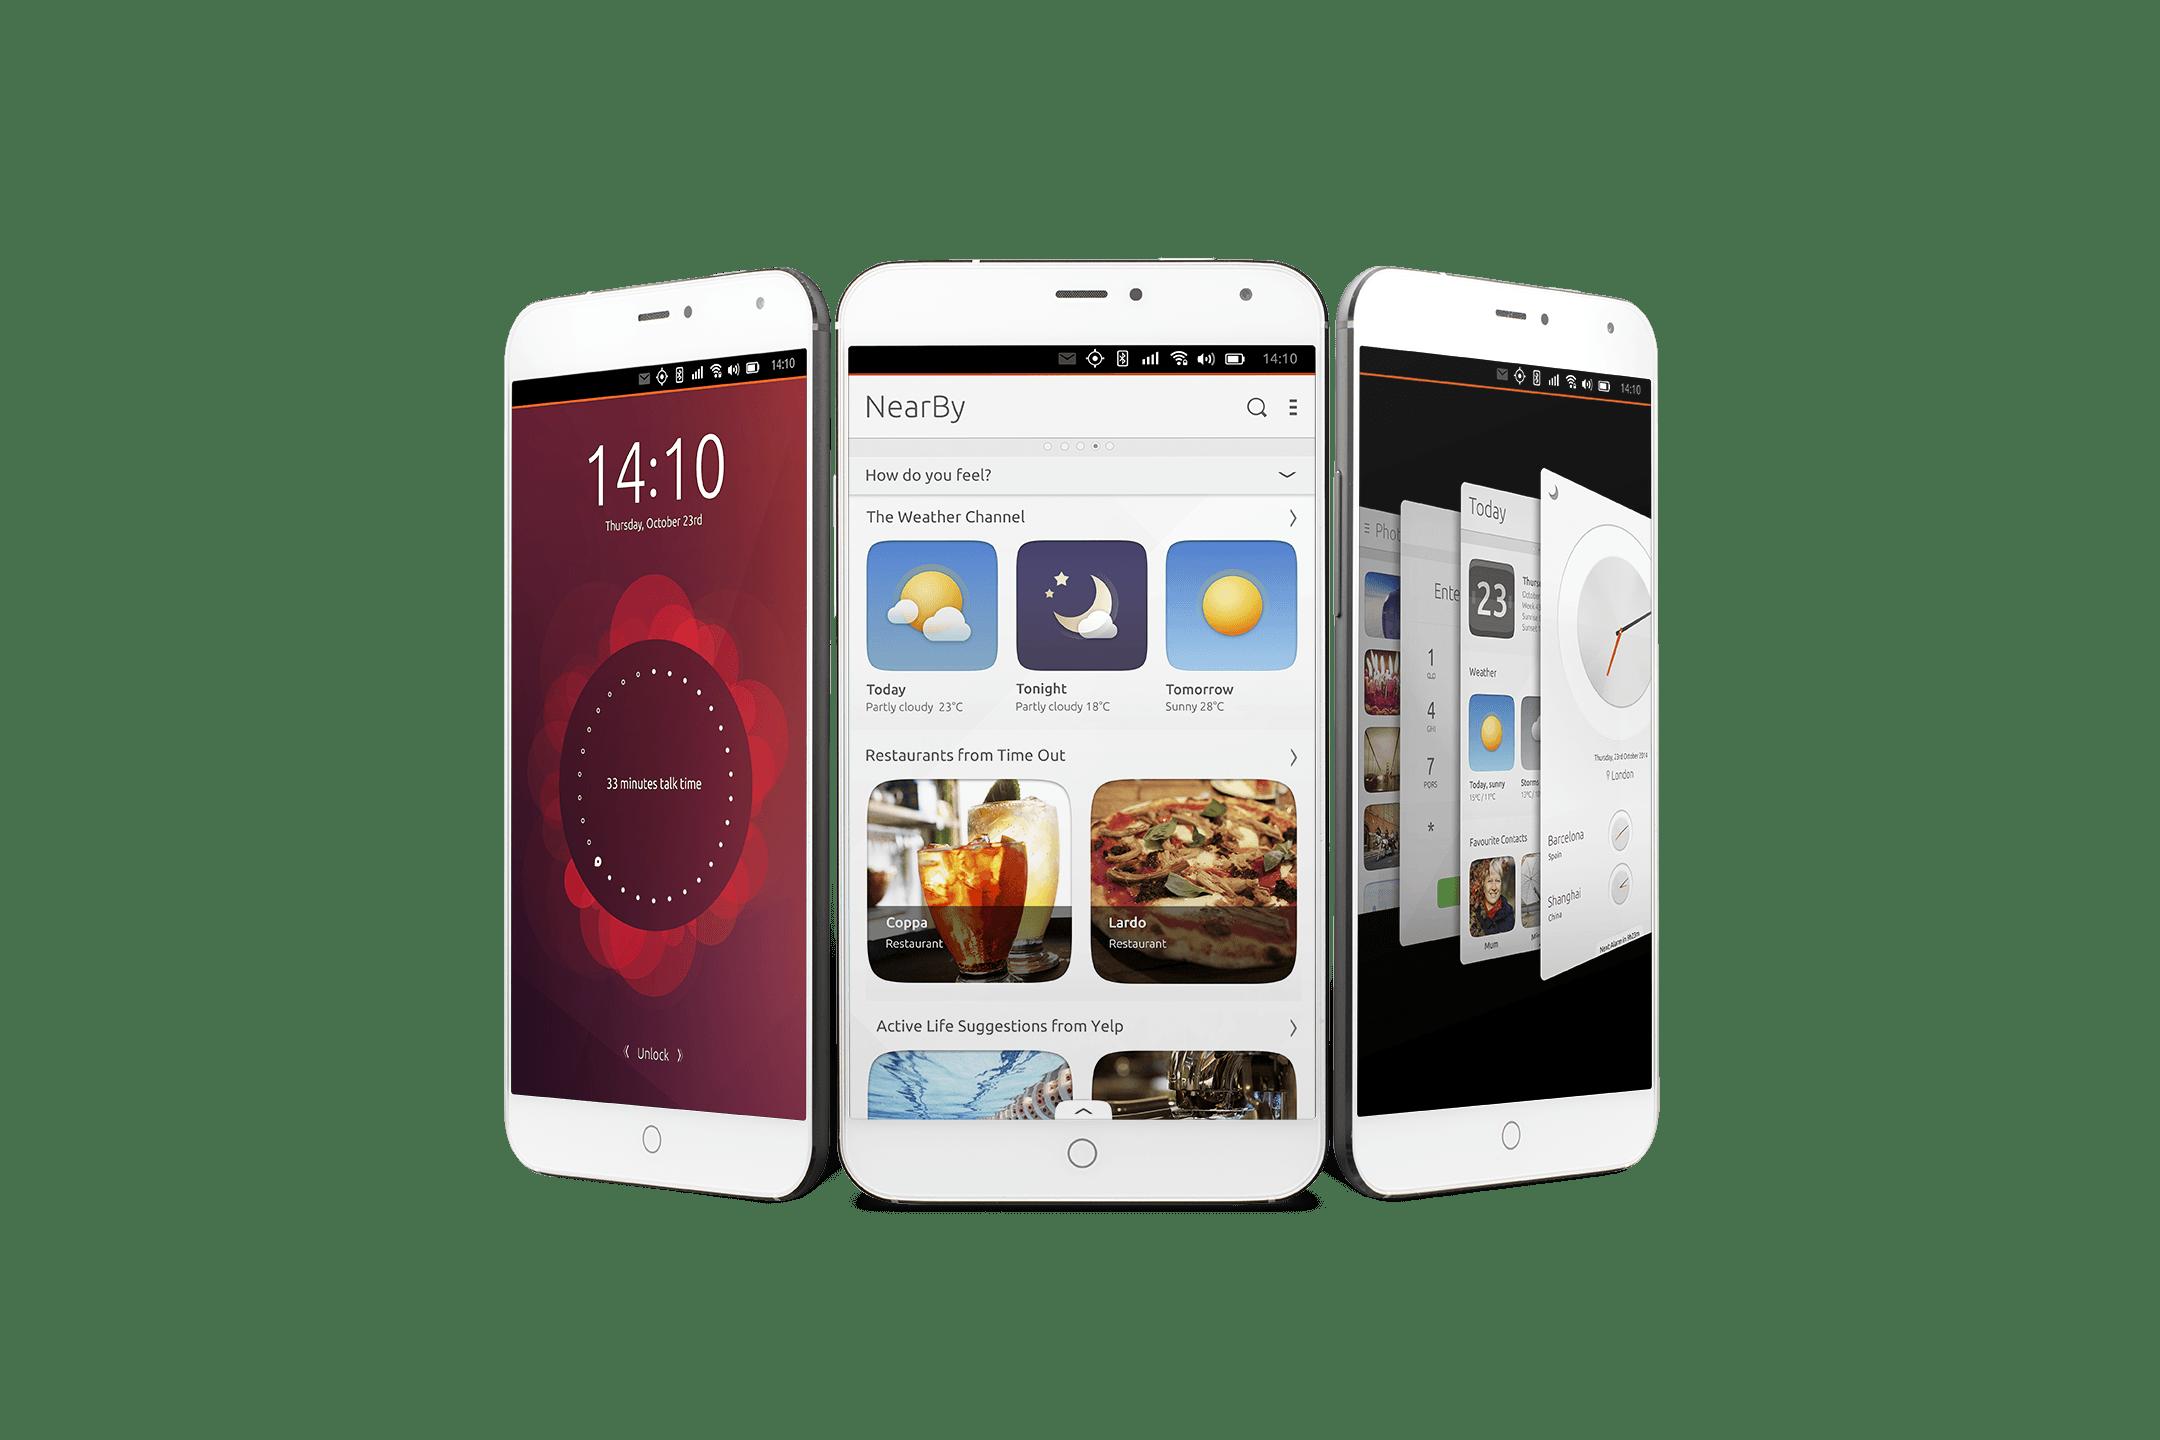 Le Meizu MX4 Ubuntu Edition est disponible dès aujourd'hui, mais sur invitation